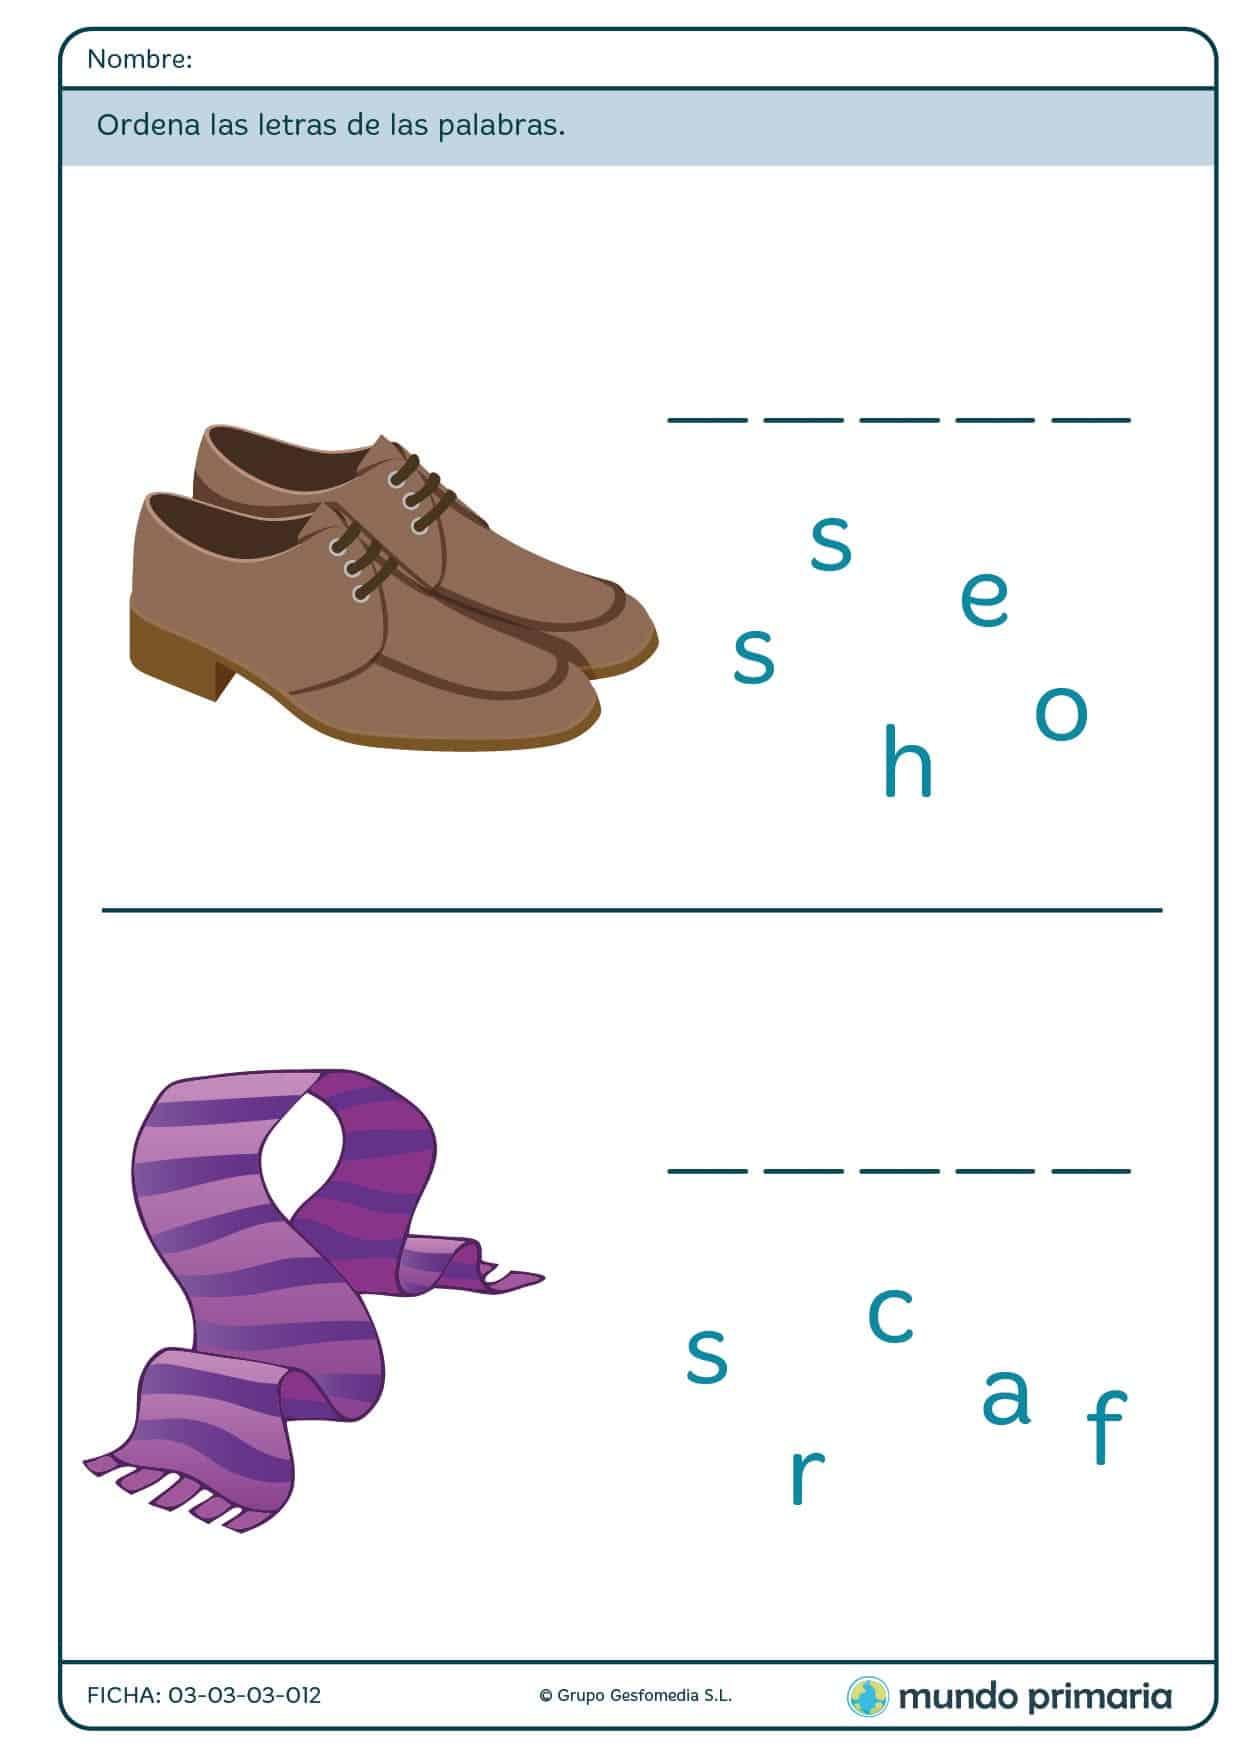 Ficha de componer palabras sobre ropa para primaria